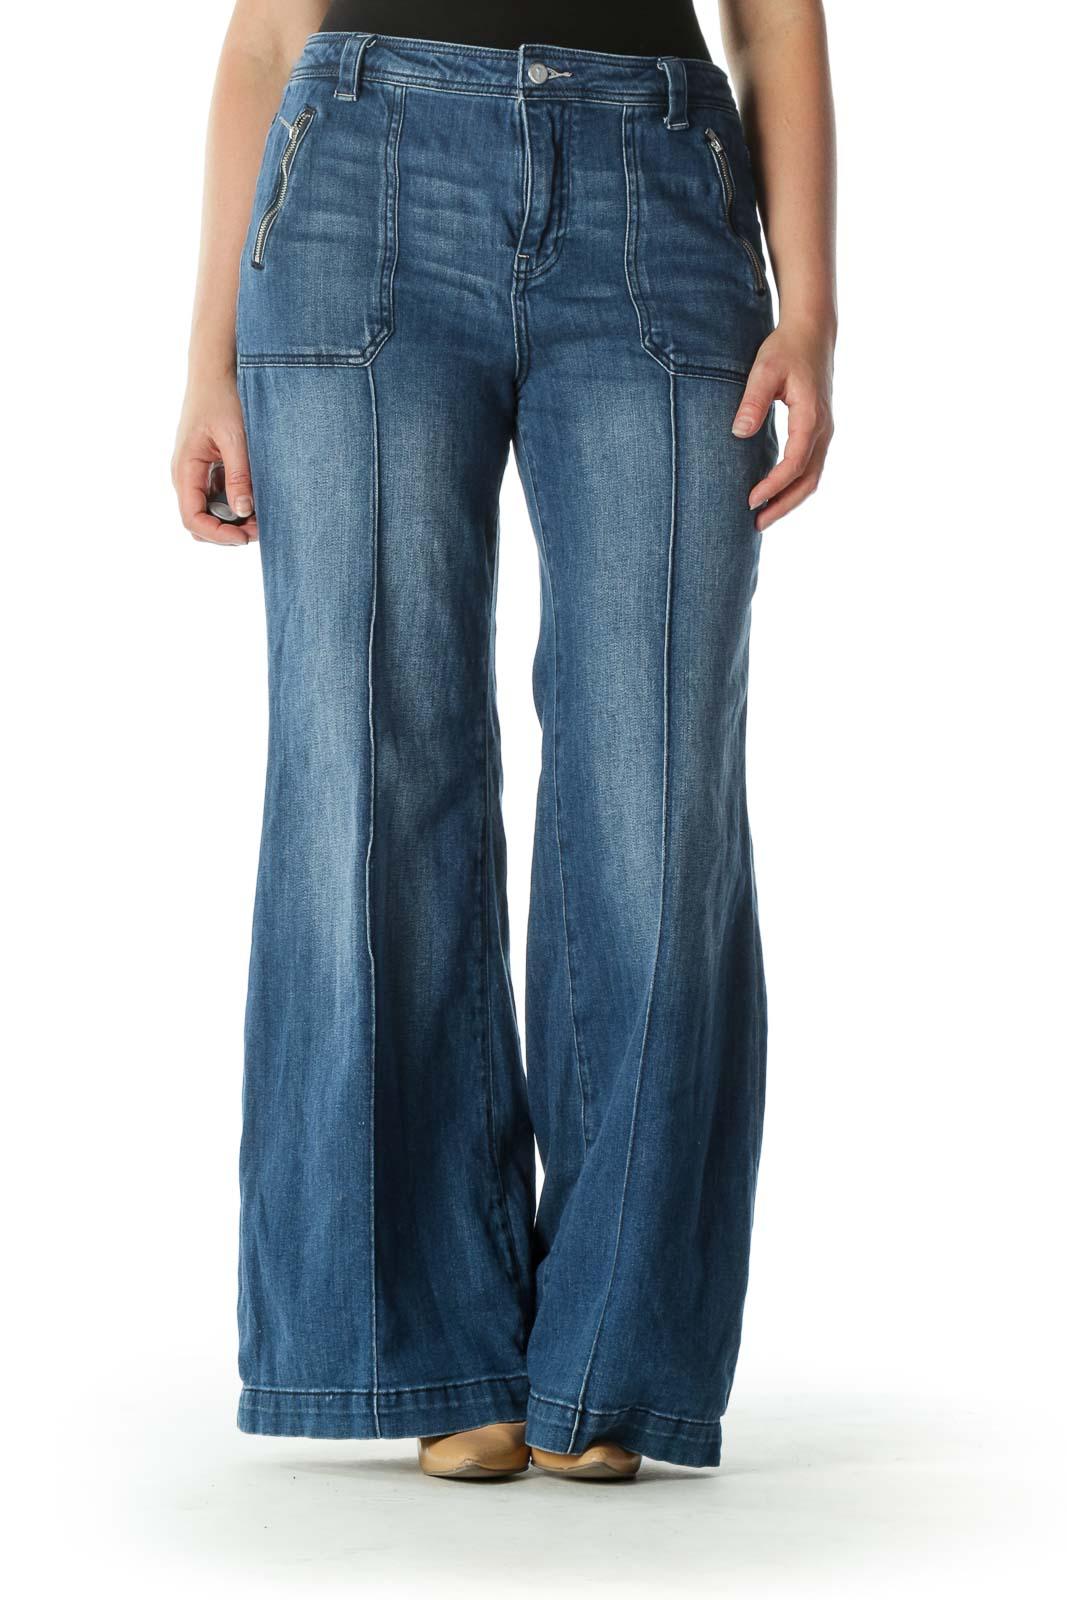 Blue Medium Wash Raised Seam Denim Jeans Front